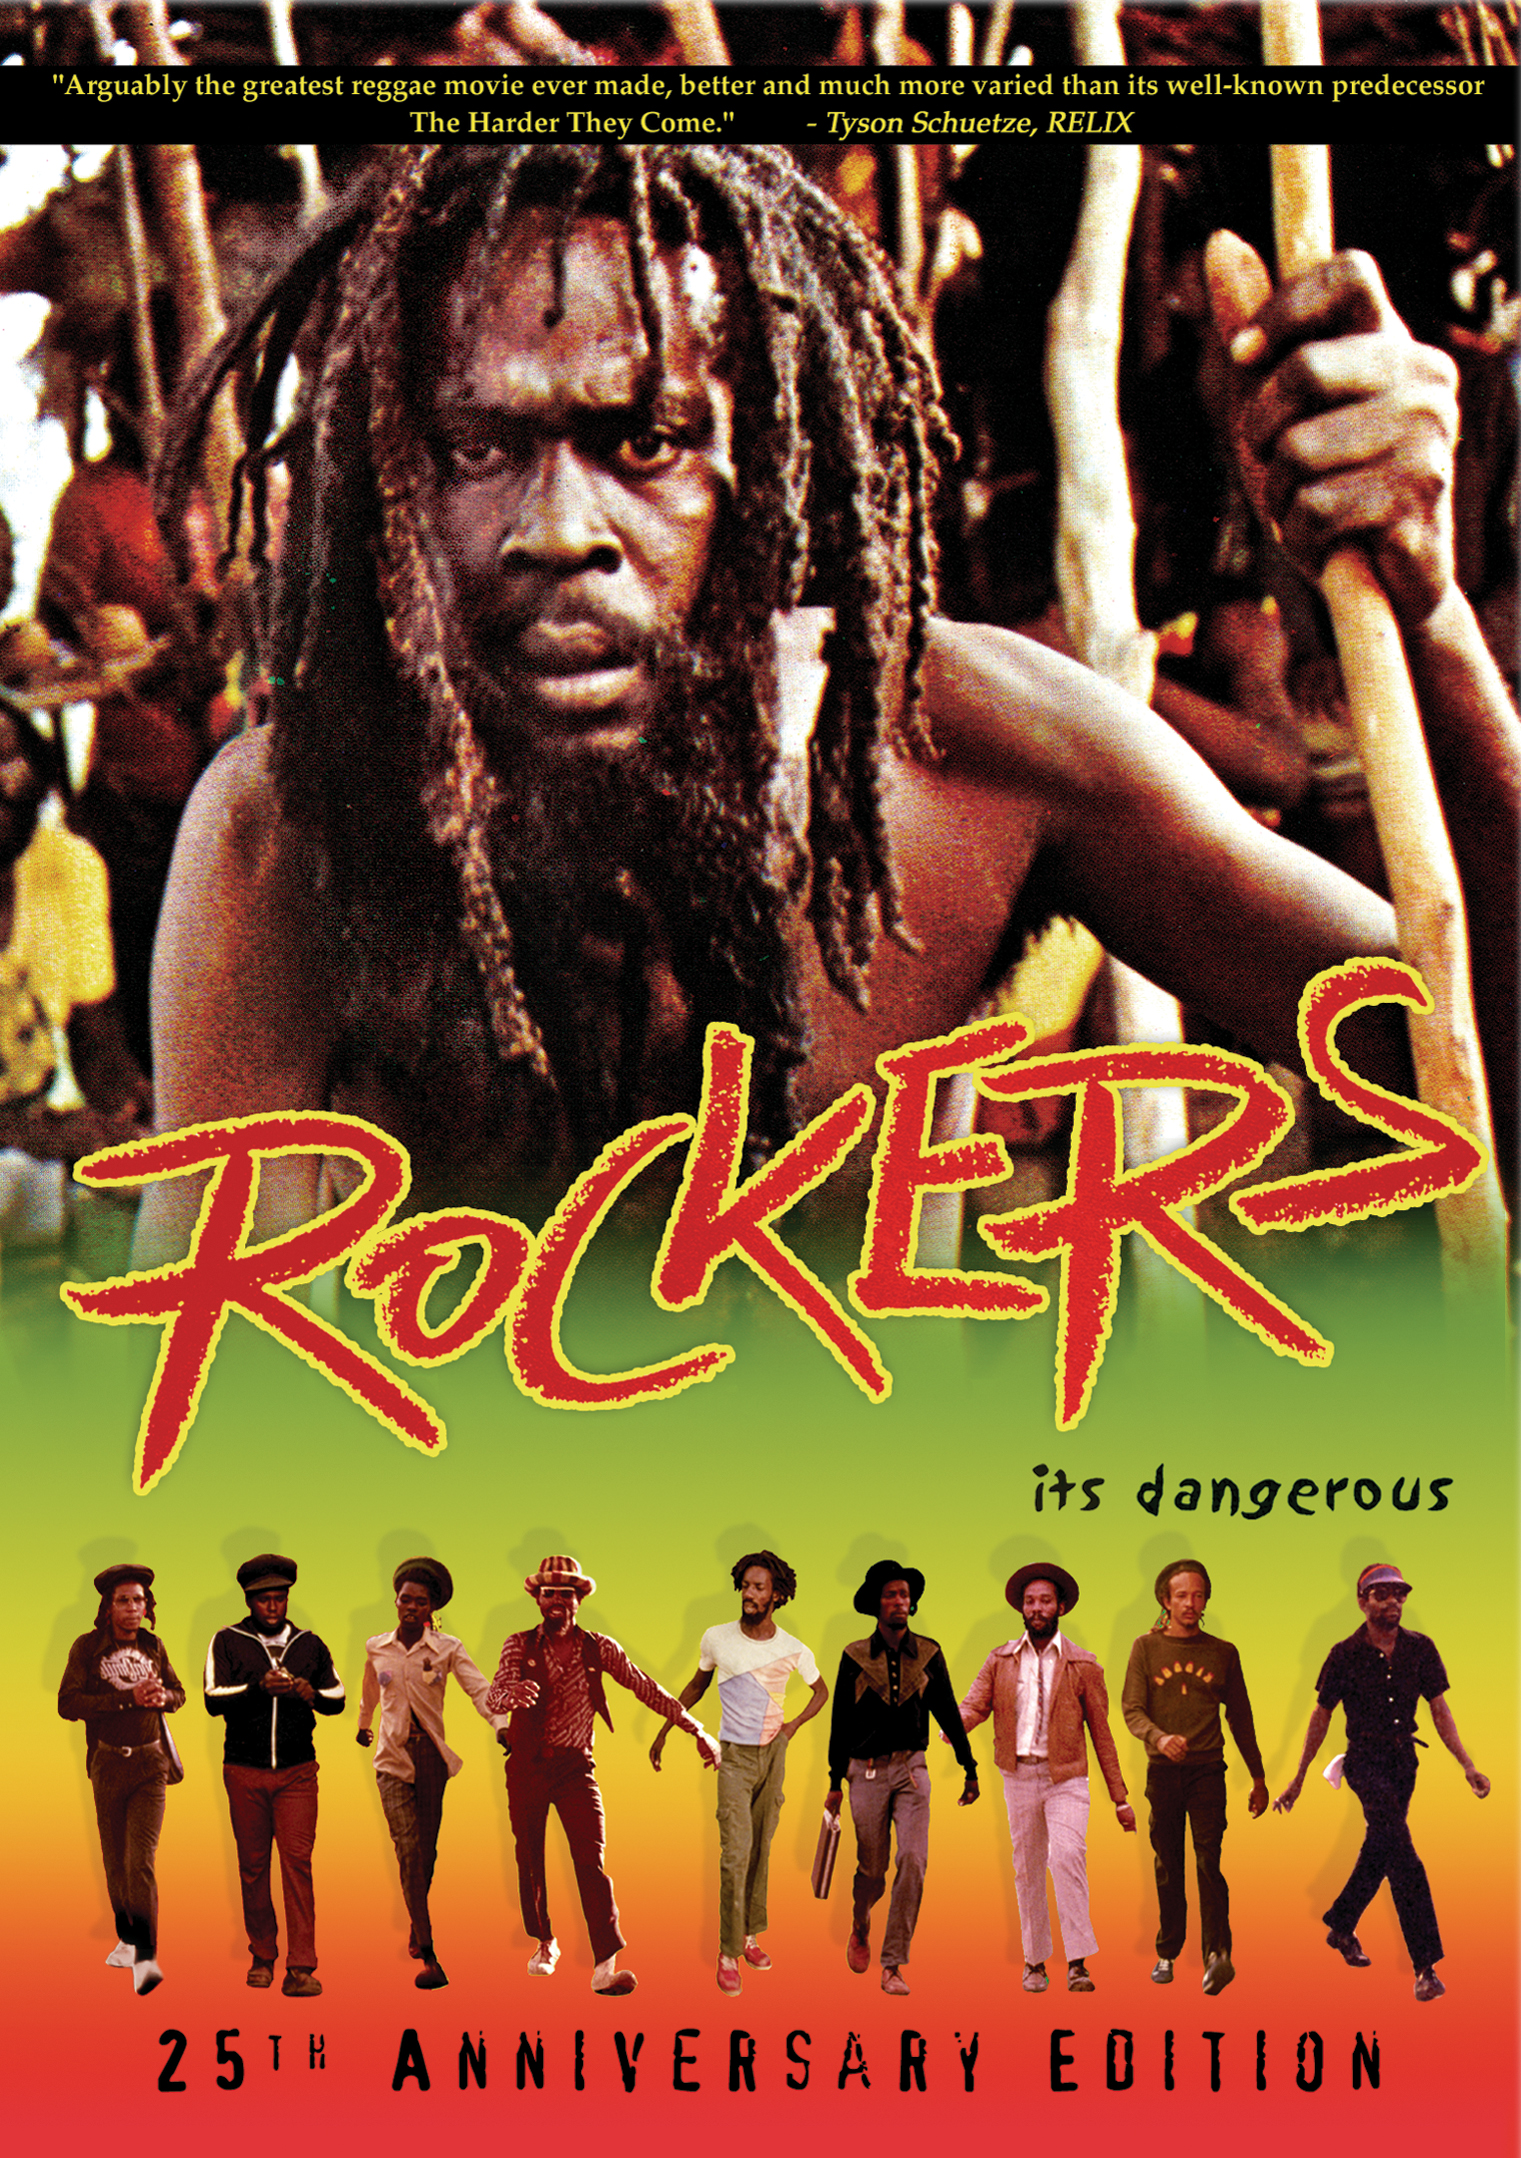 Rocker Film